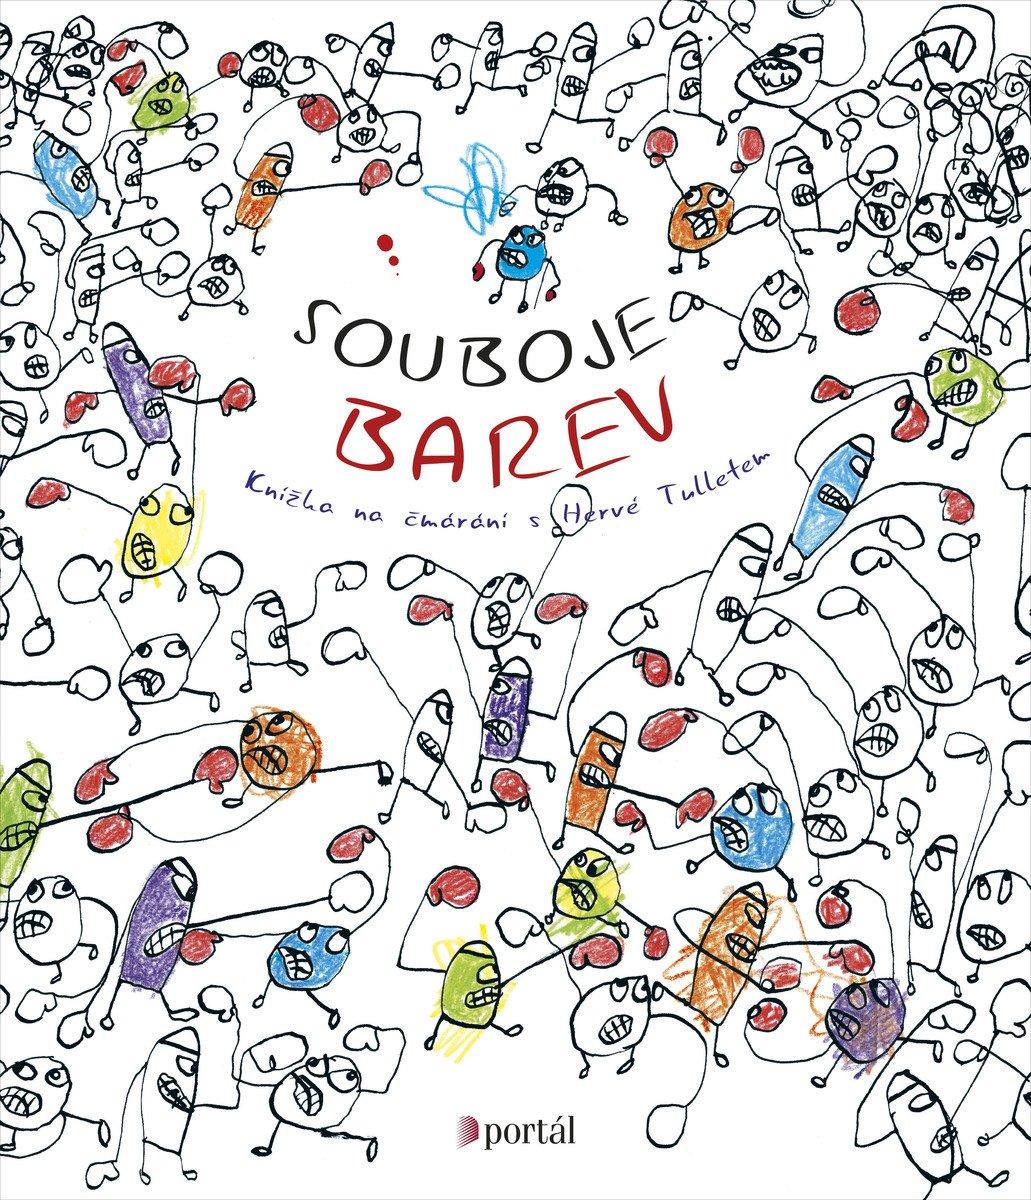 Souboje barev, Hervé Tullet